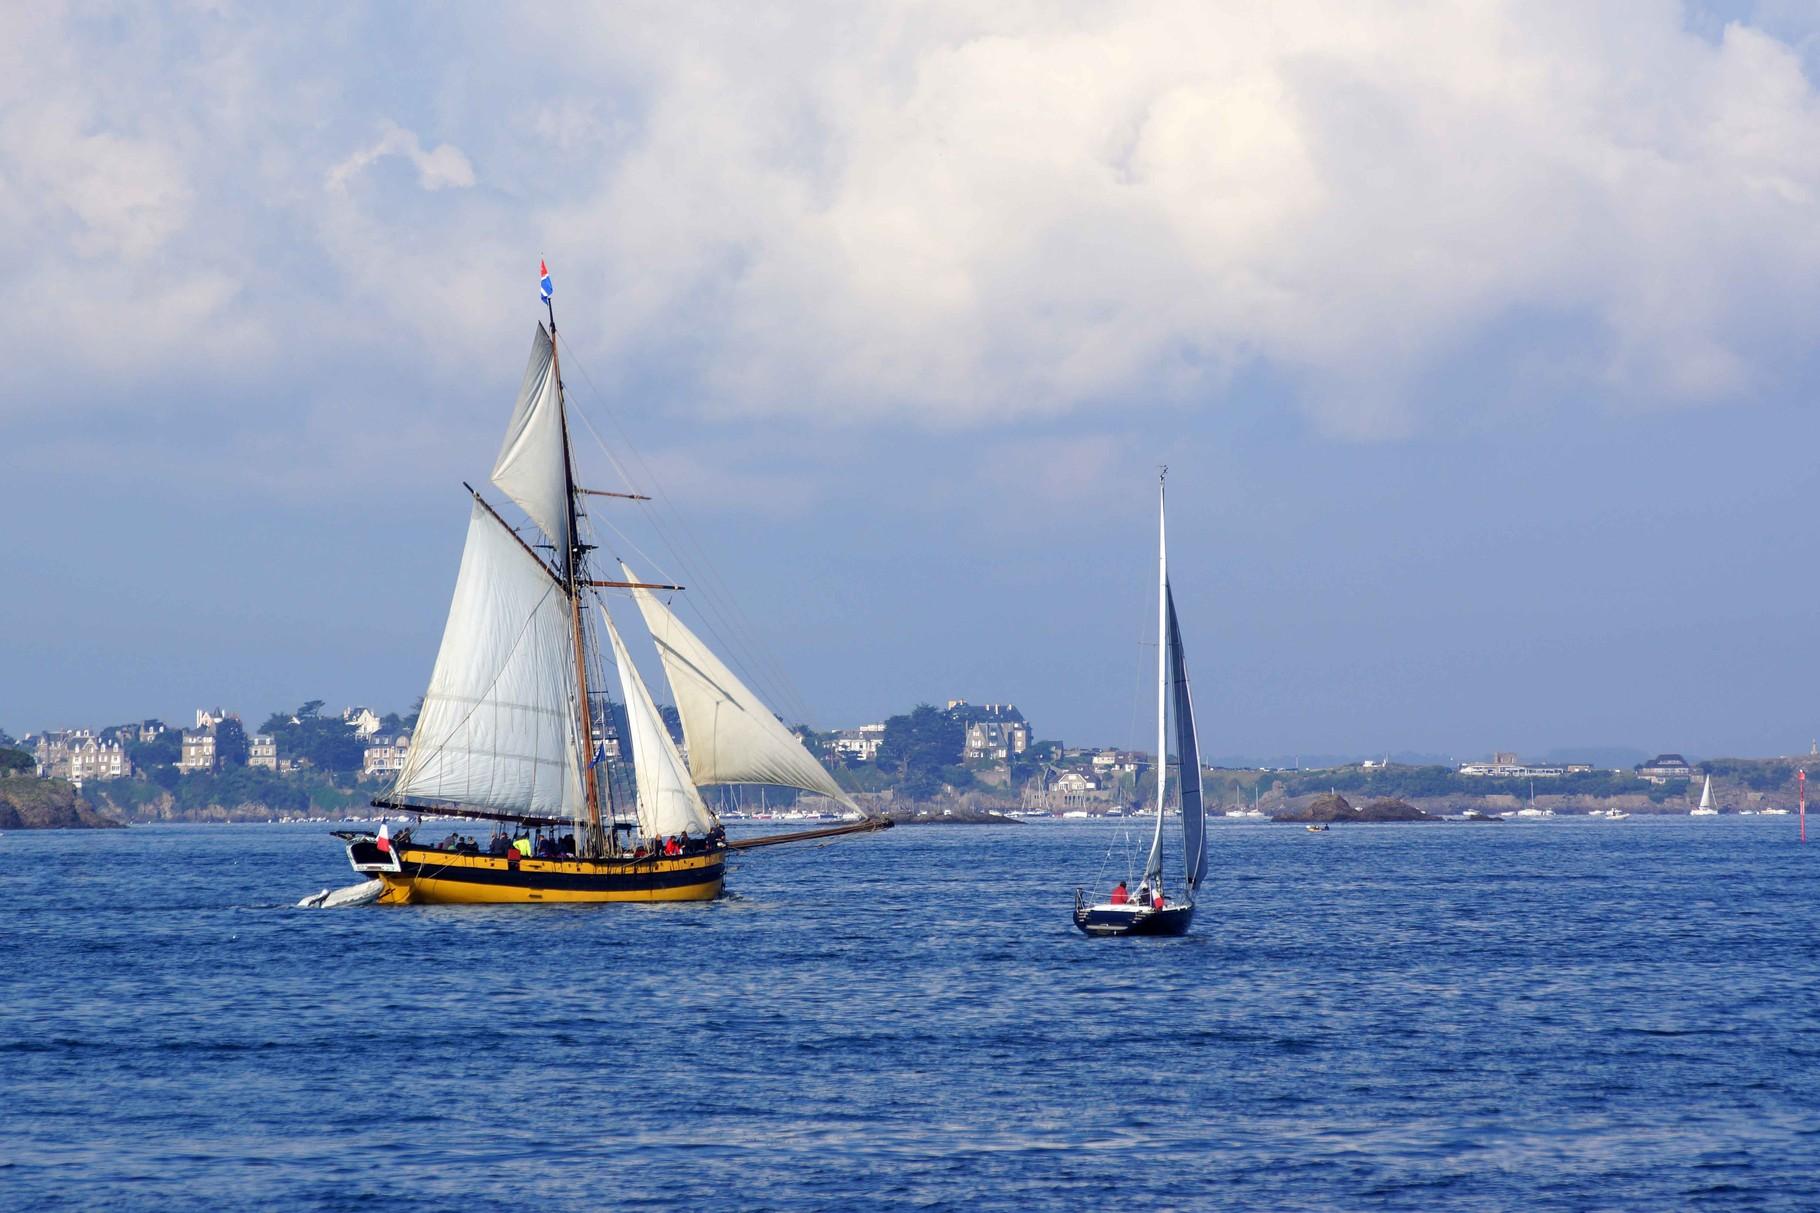 Baie de Saint Malo